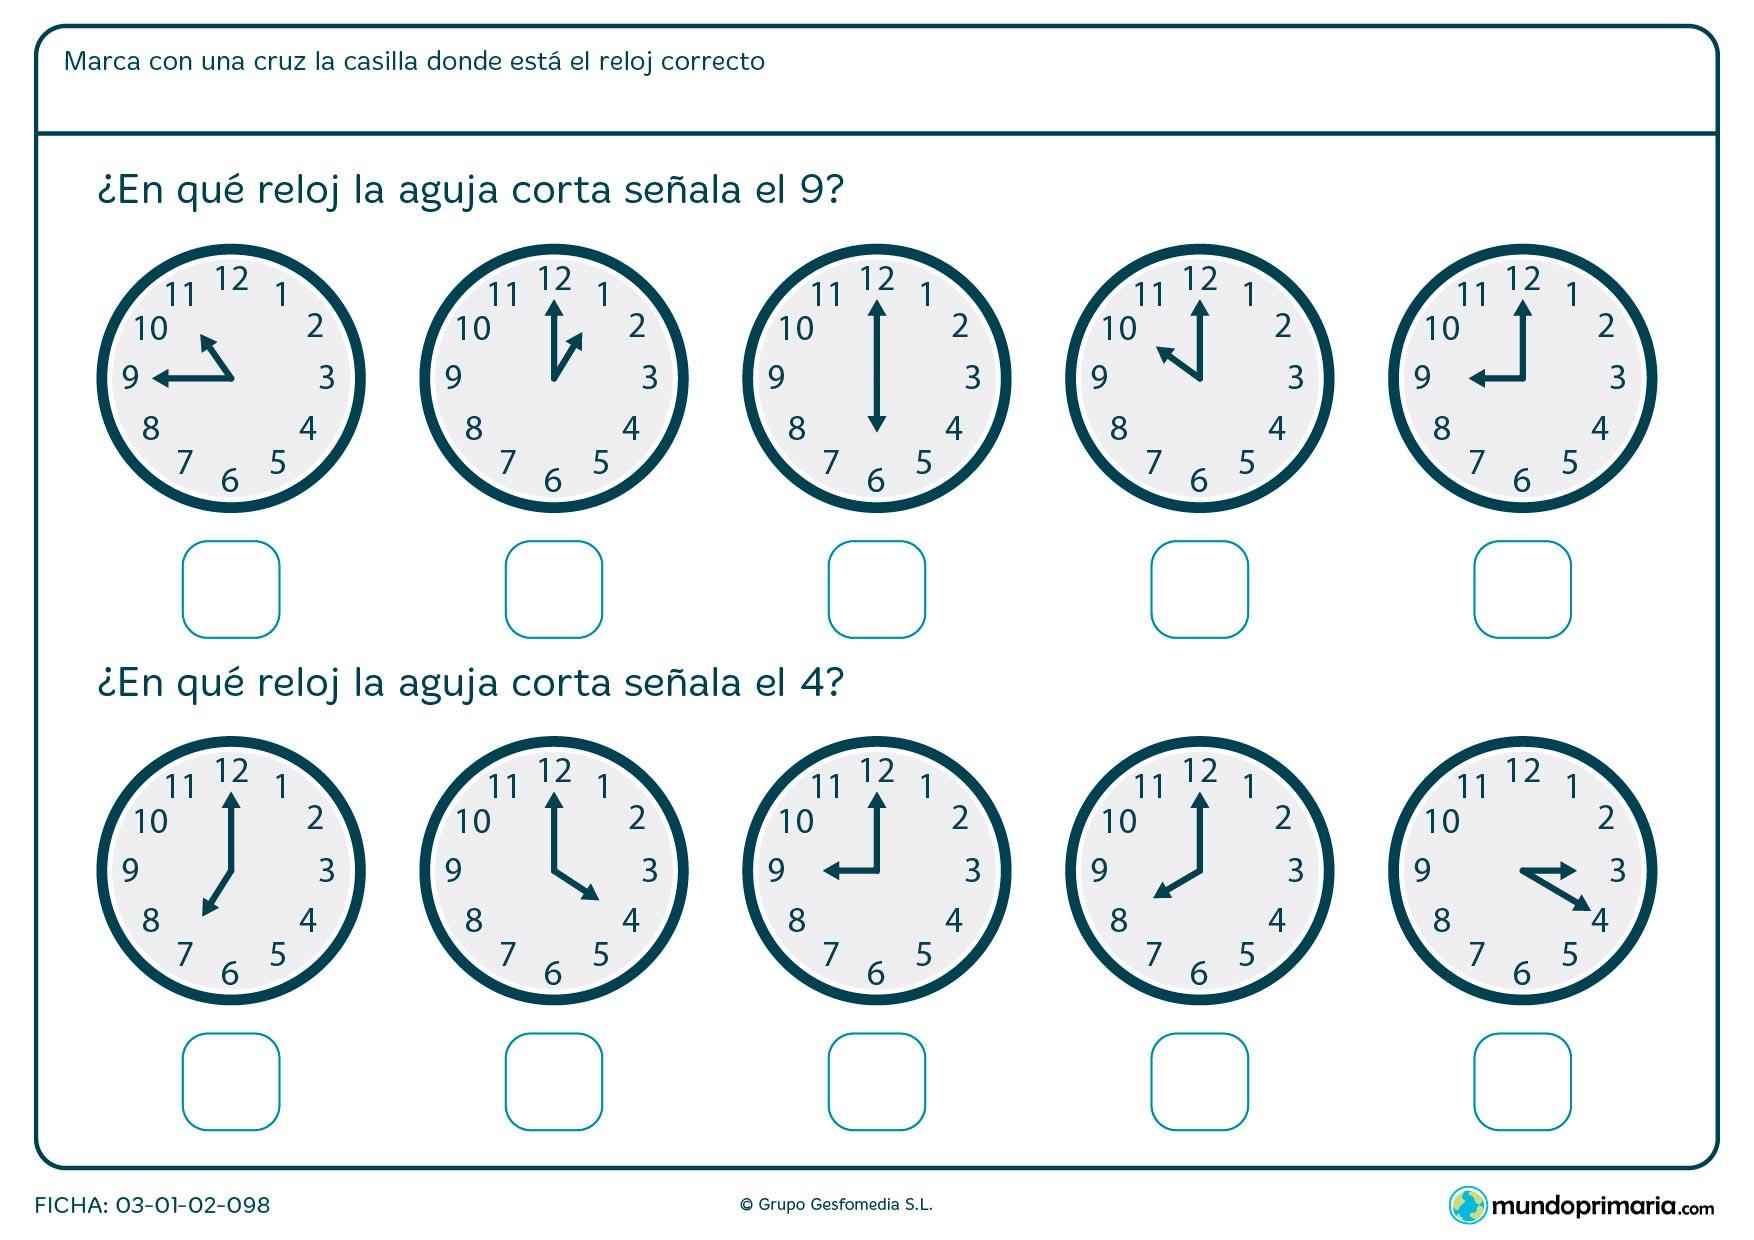 Ficha de aguja de reloj analógico en la que debes señalar los relojes que marcanlas horas en punto que te pedimos.